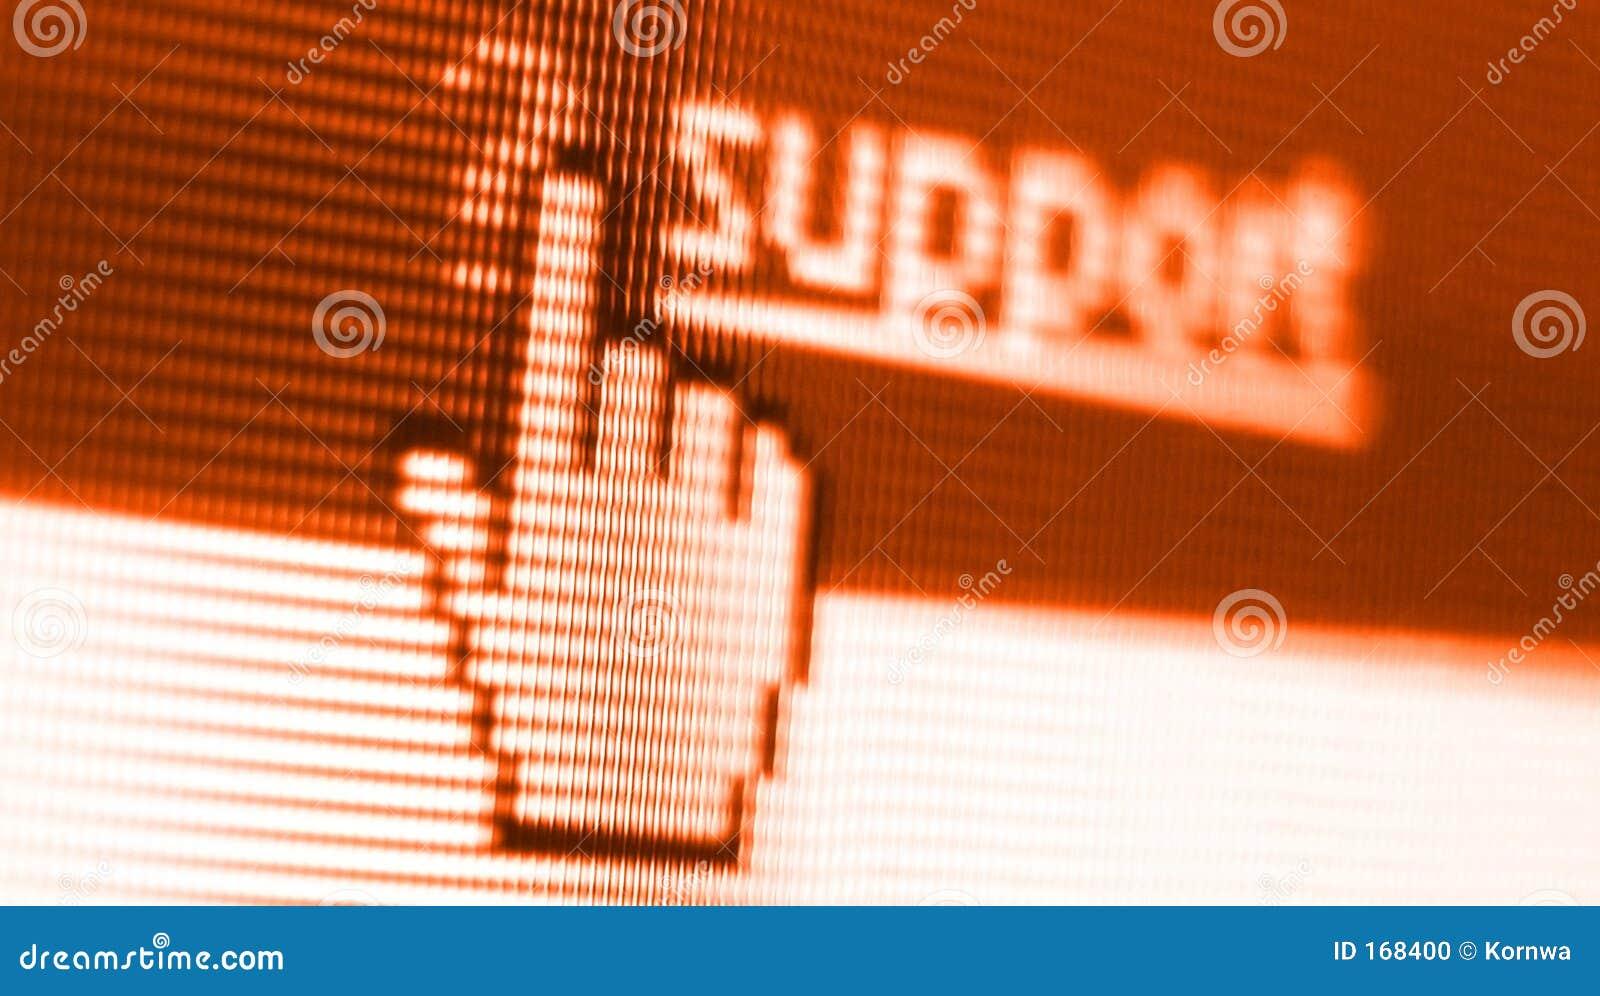 Support screen shot